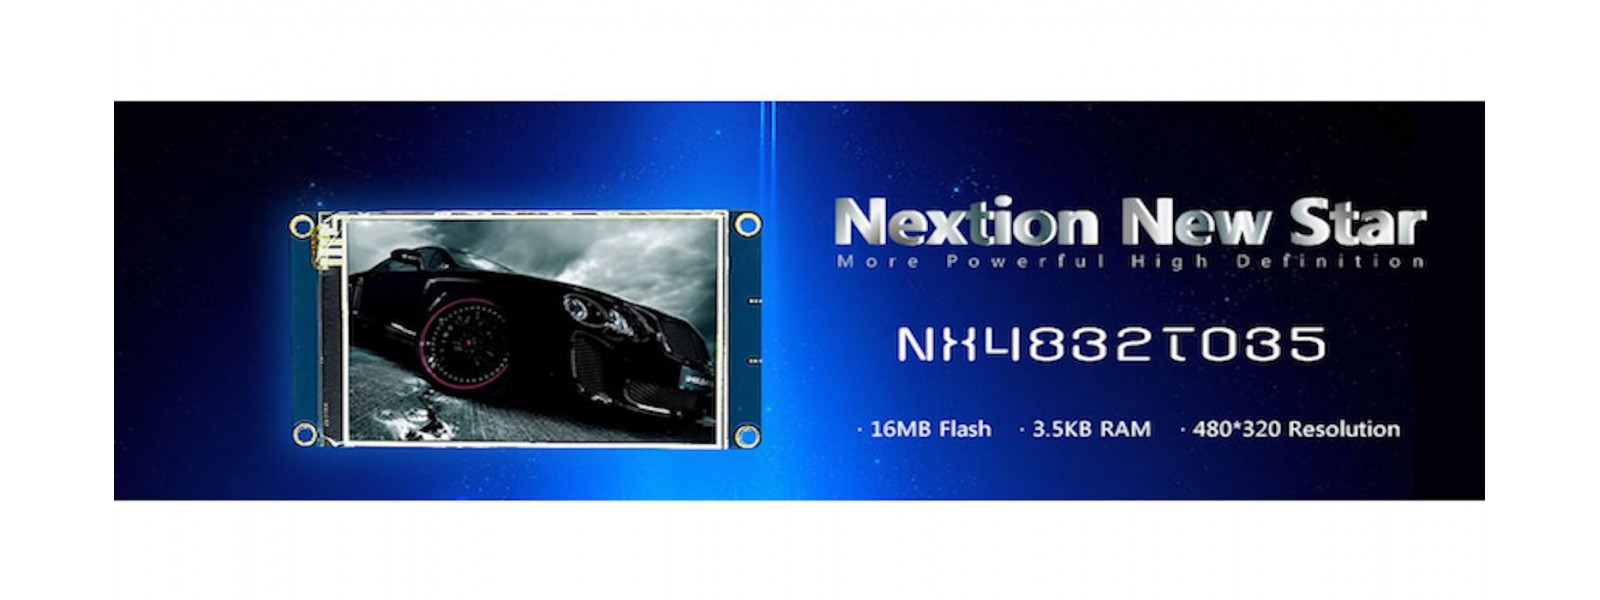 NX4832T035